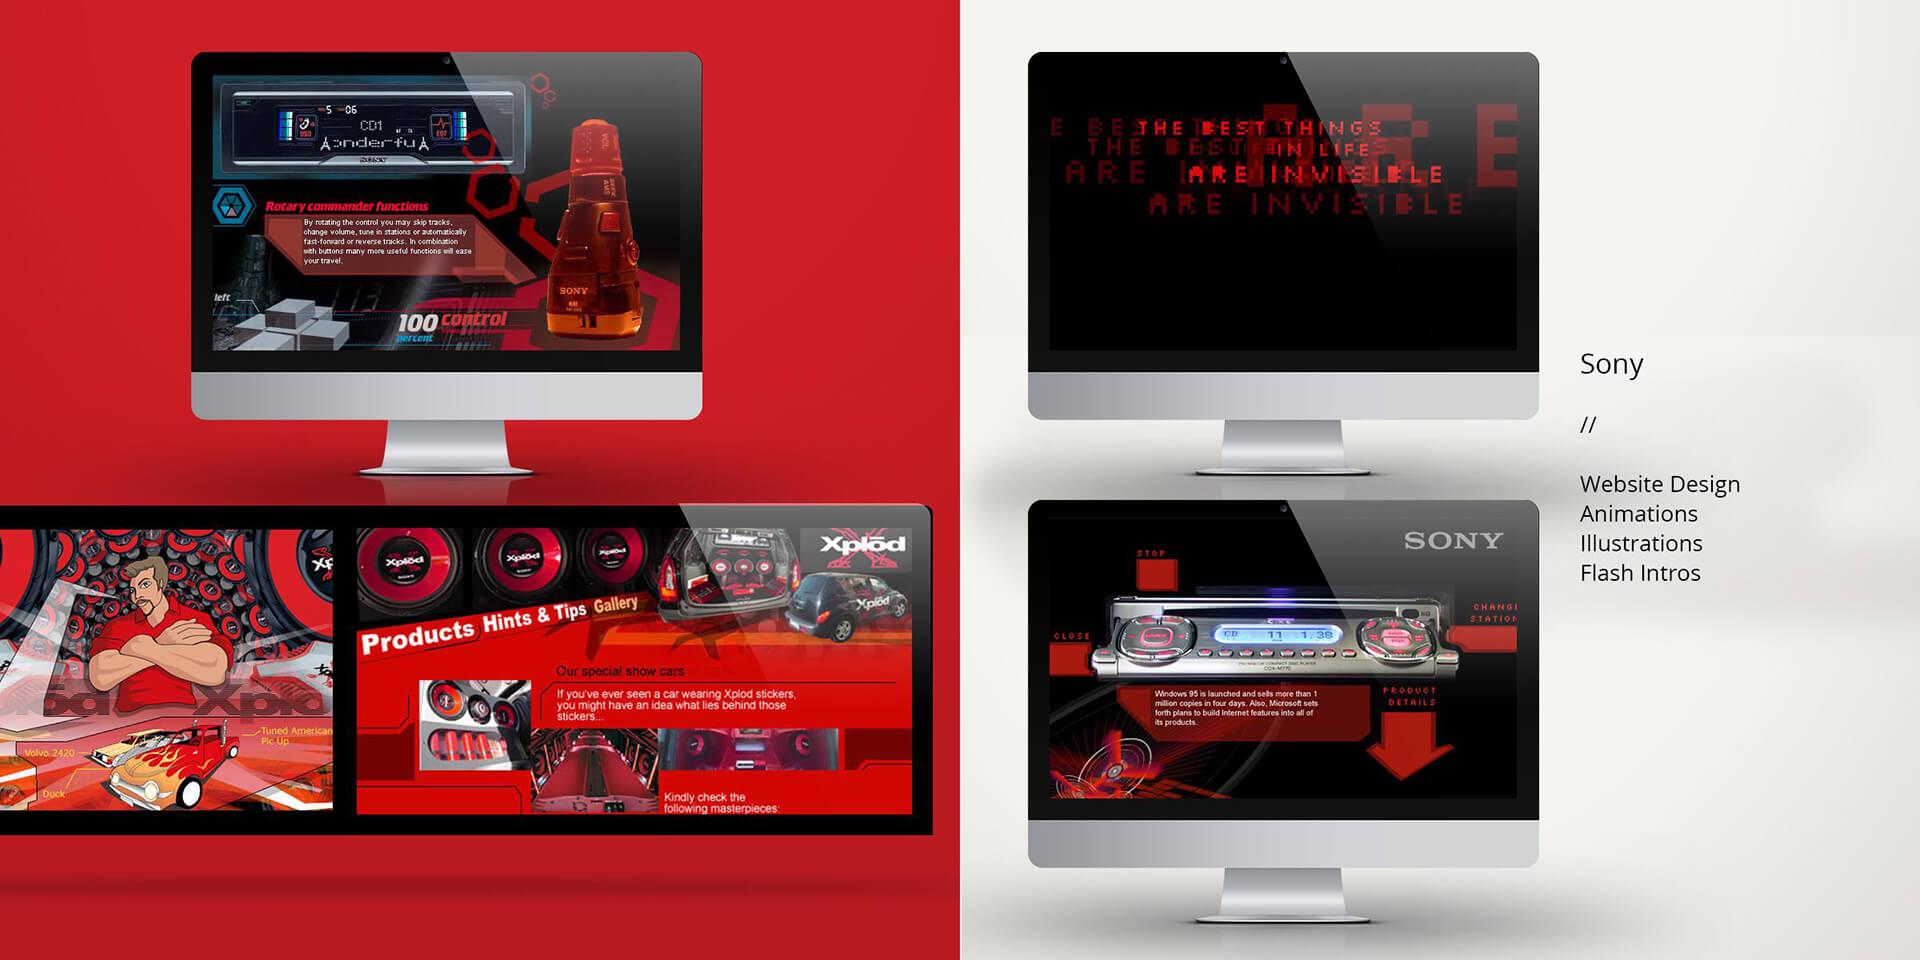 webdesign responsive seo sem online marketing wordpress html5 css newsletter banner 12